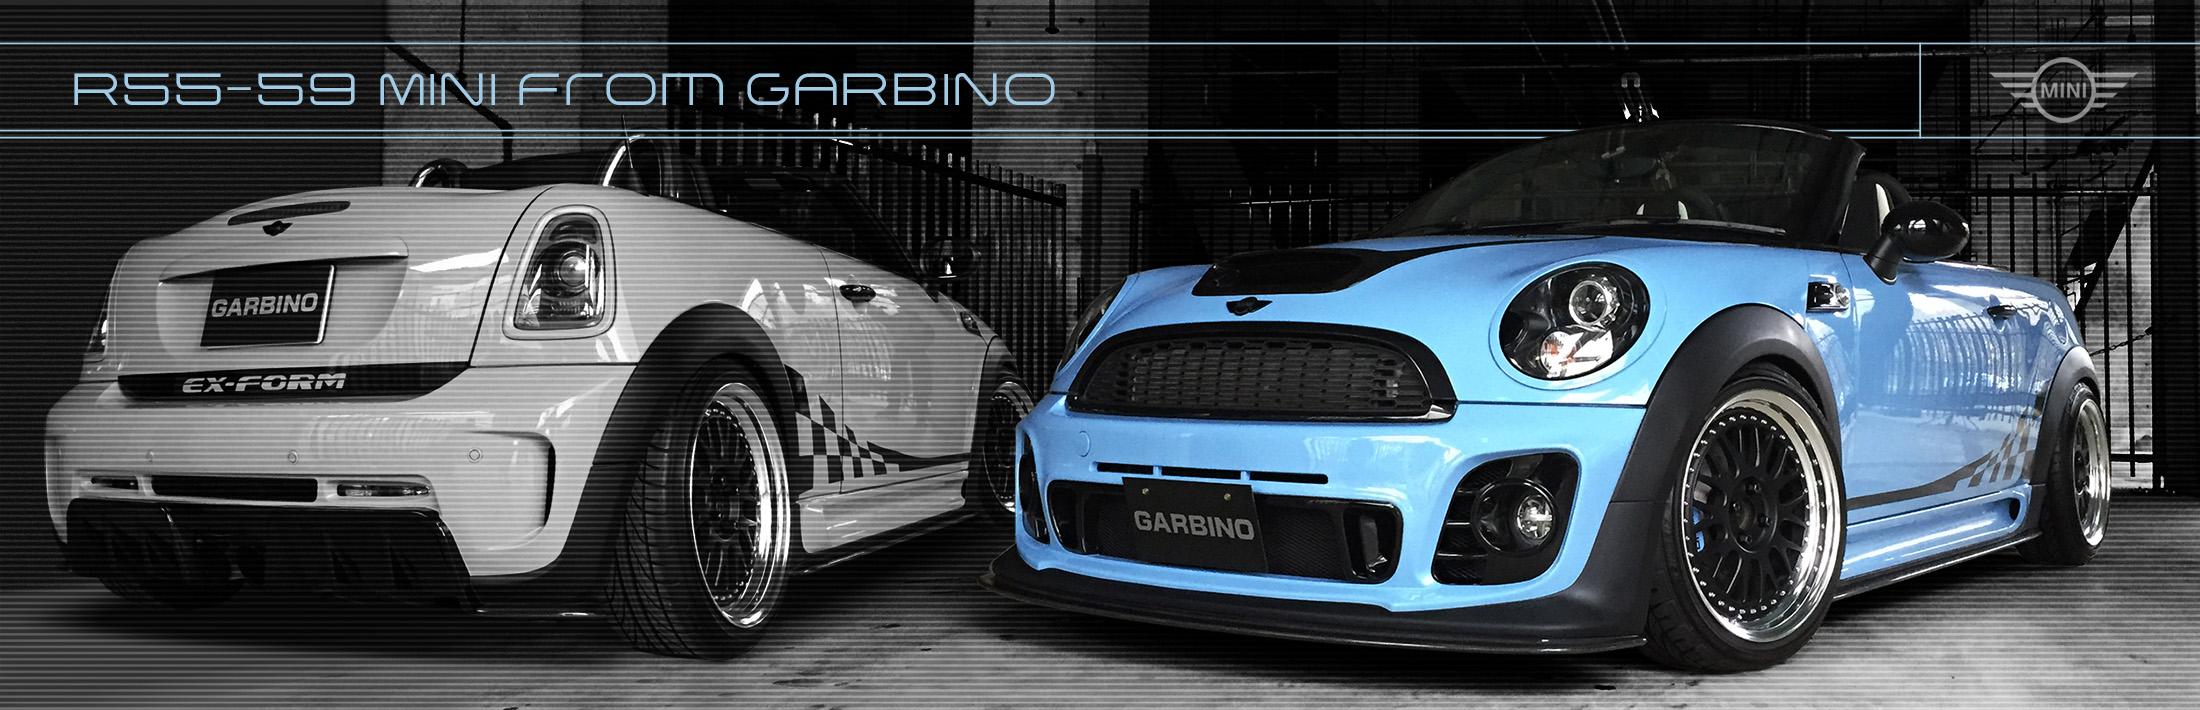 GARBINO:MINI R55〜59